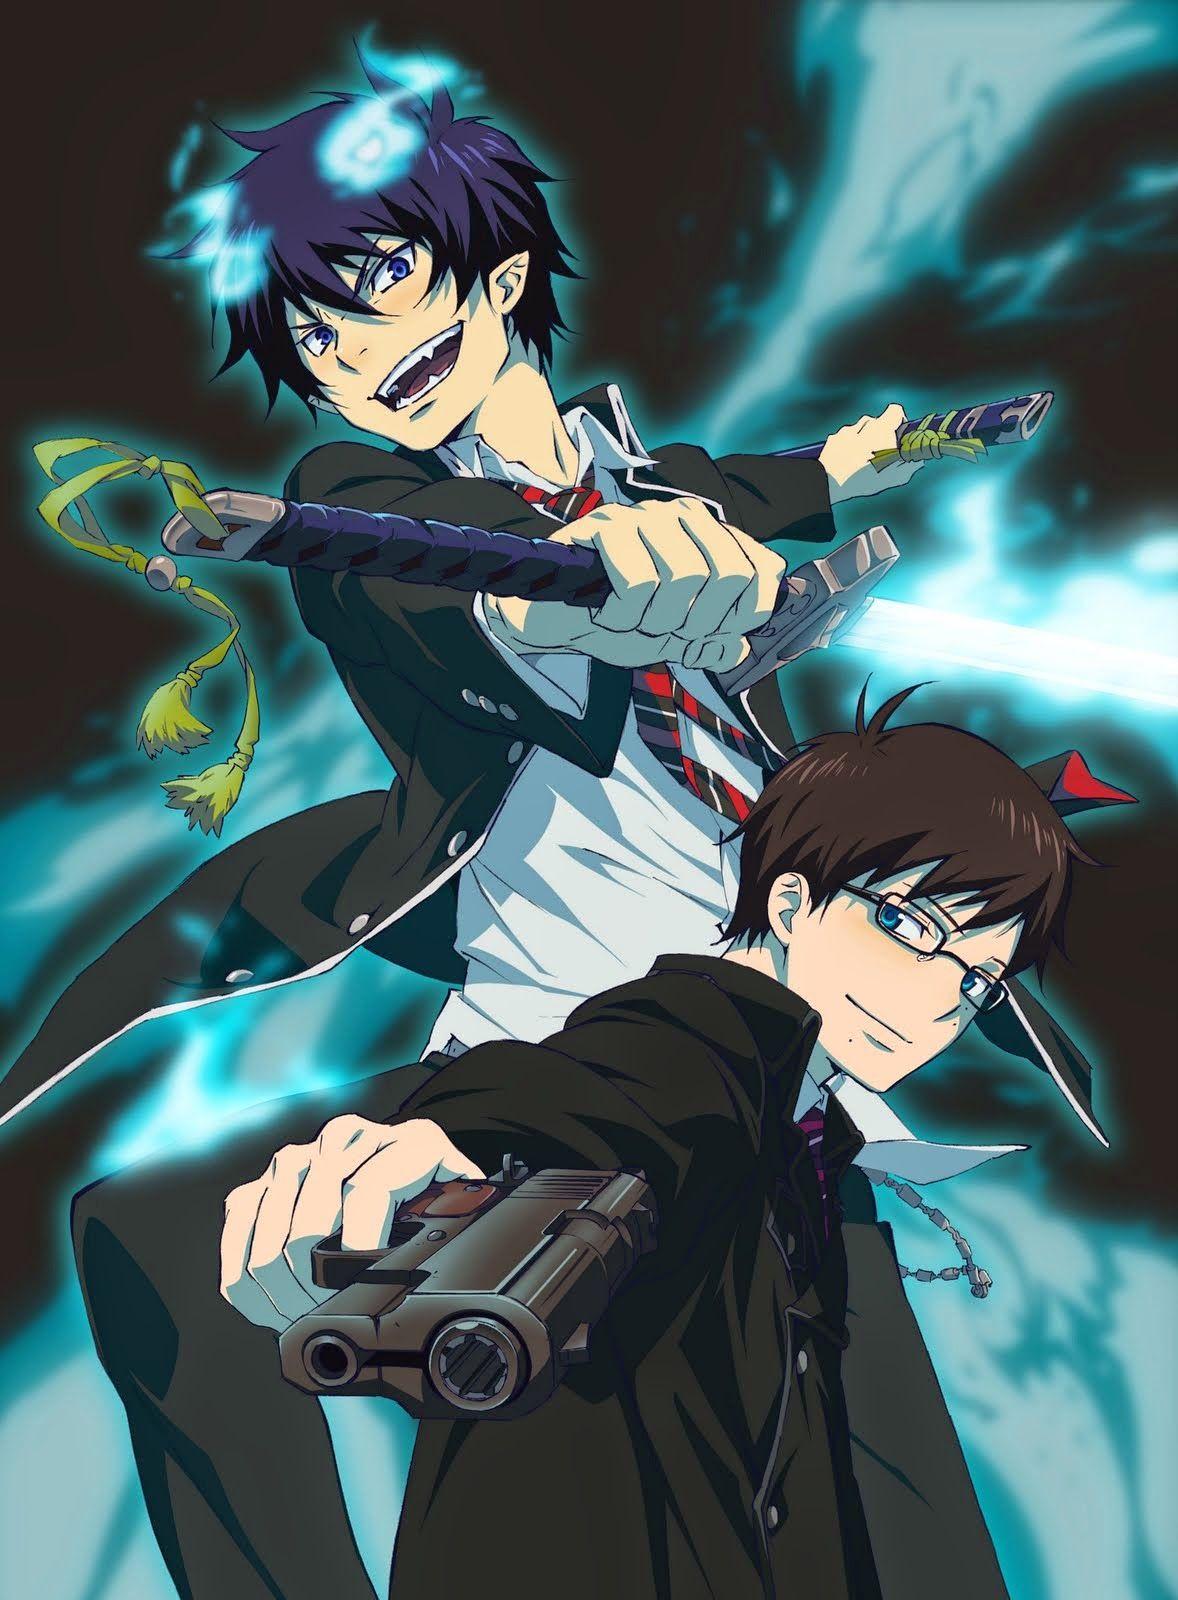 ️ ️ ️ ️ ️ Opá!!! Sério k anime mais fixe!!!!! Blue